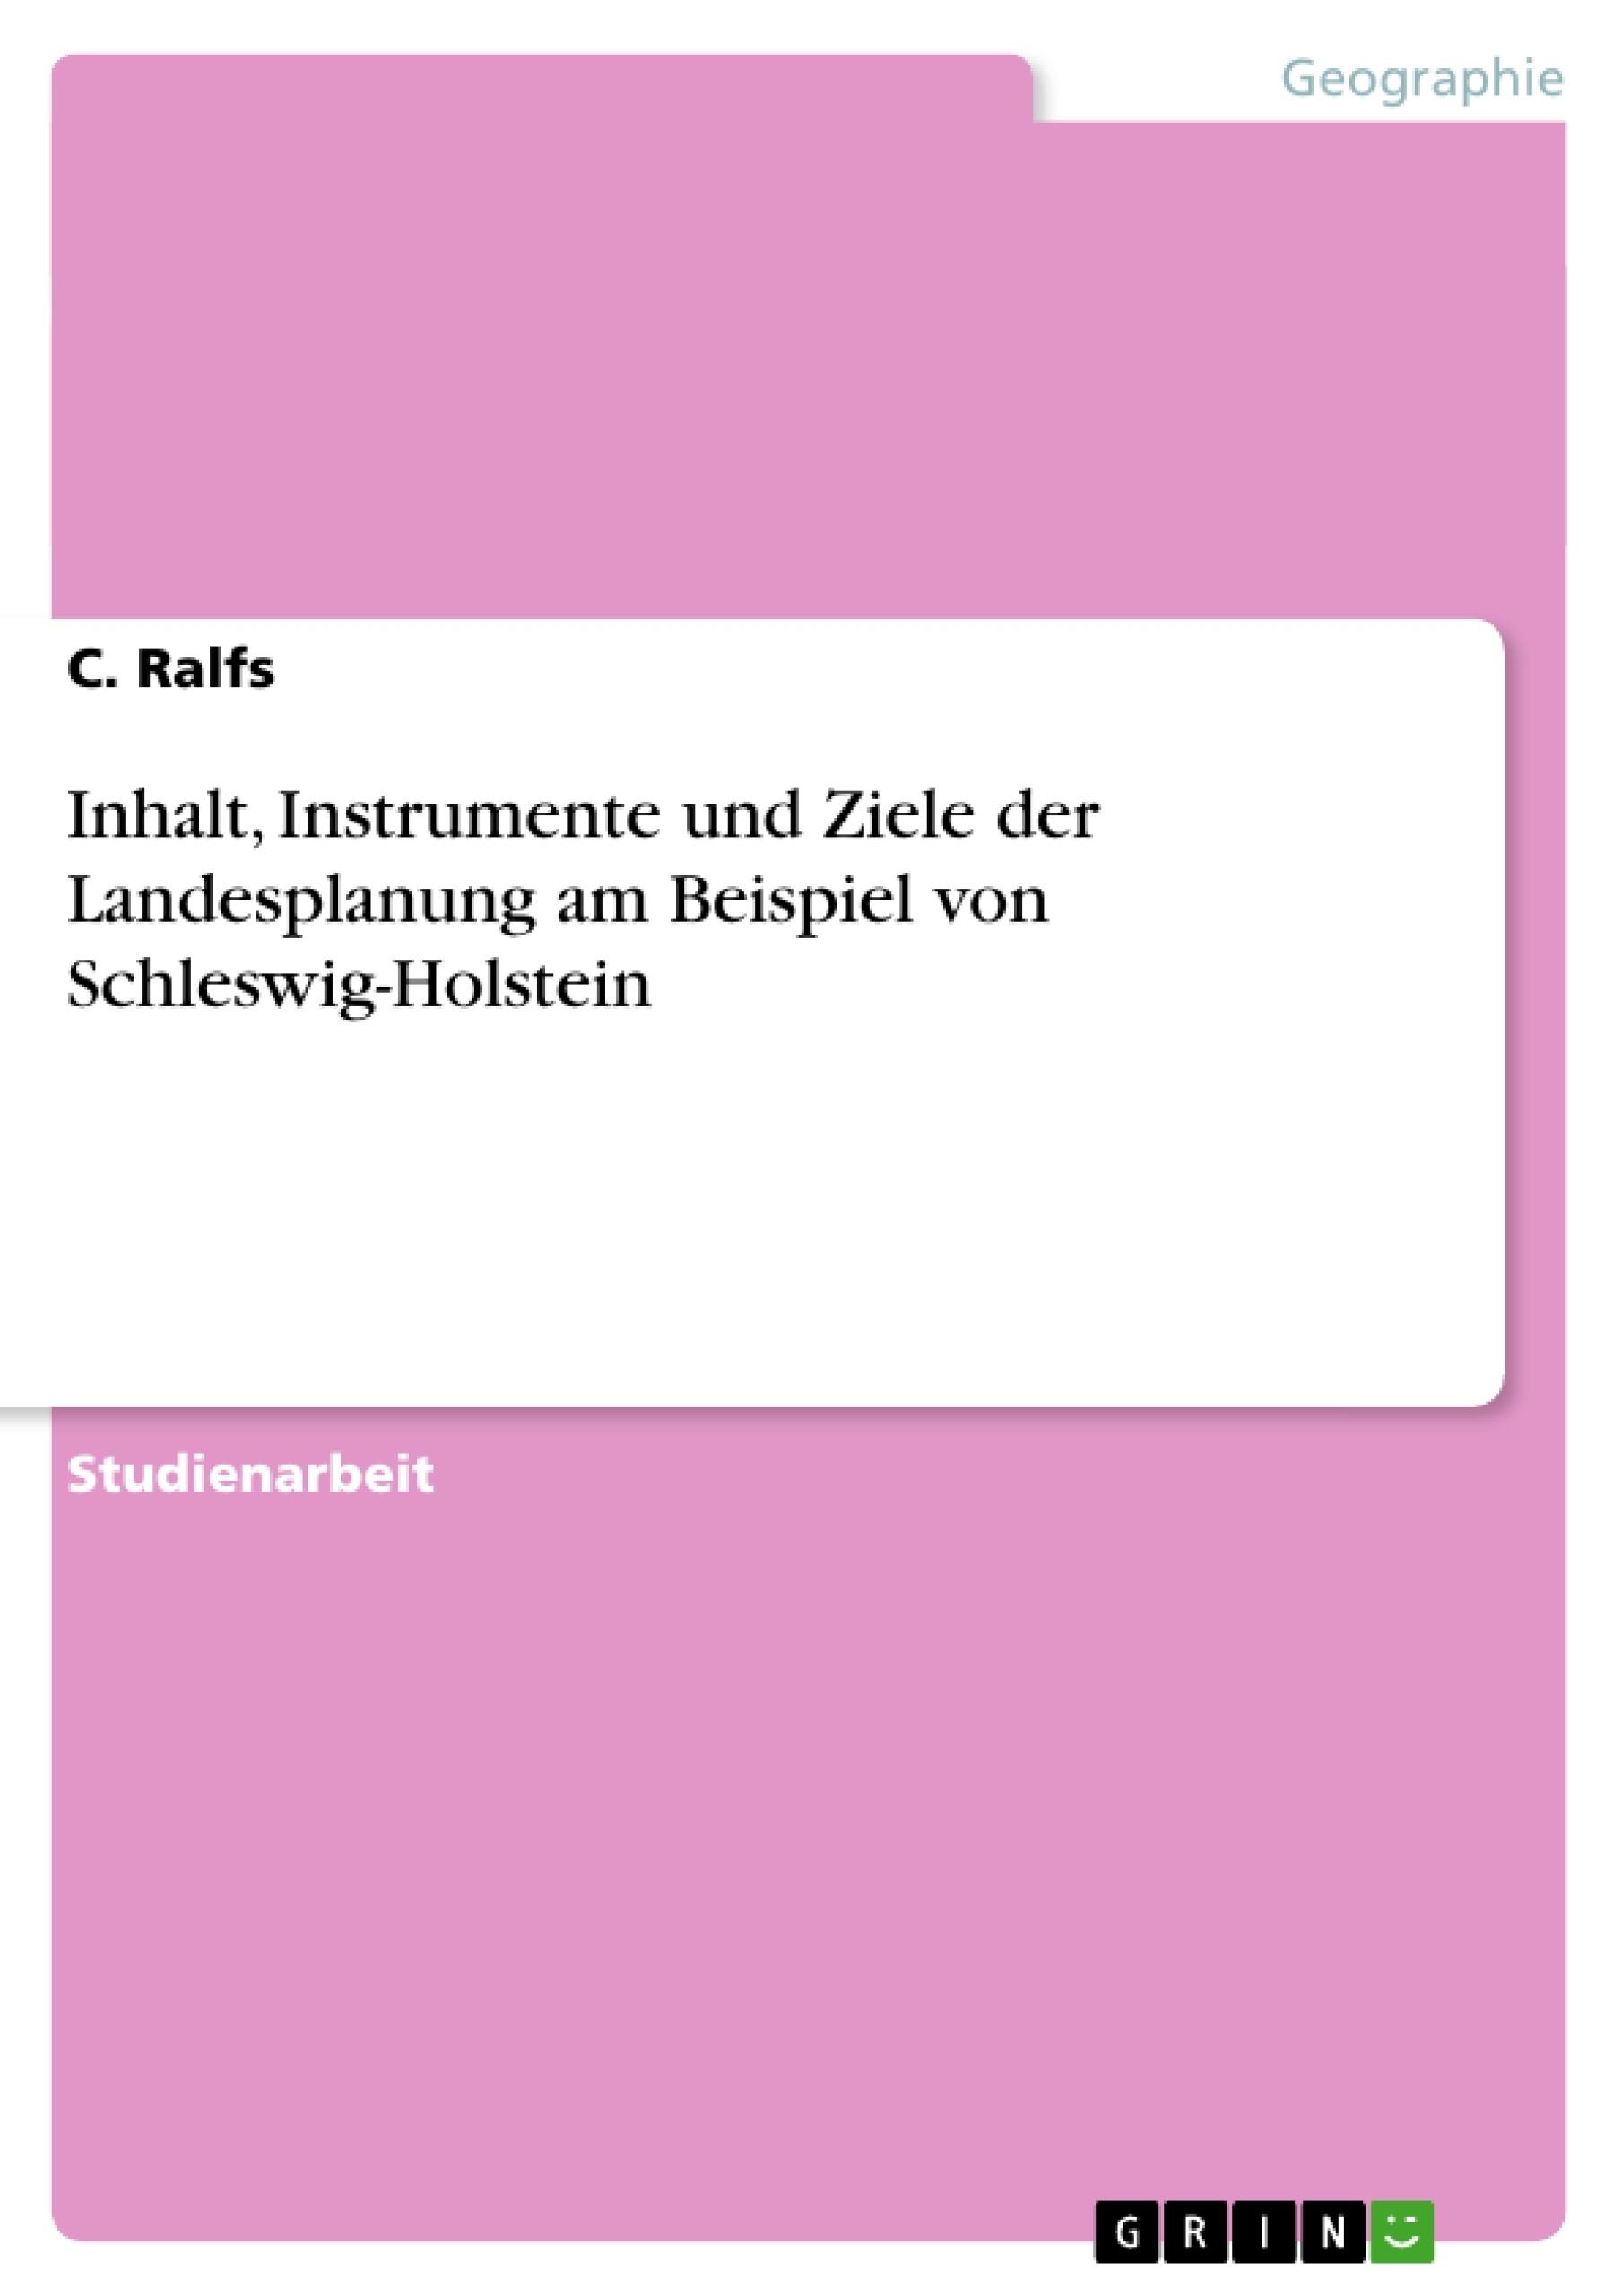 Titel: Inhalt, Instrumente und Ziele der Landesplanung am Beispiel von Schleswig-Holstein